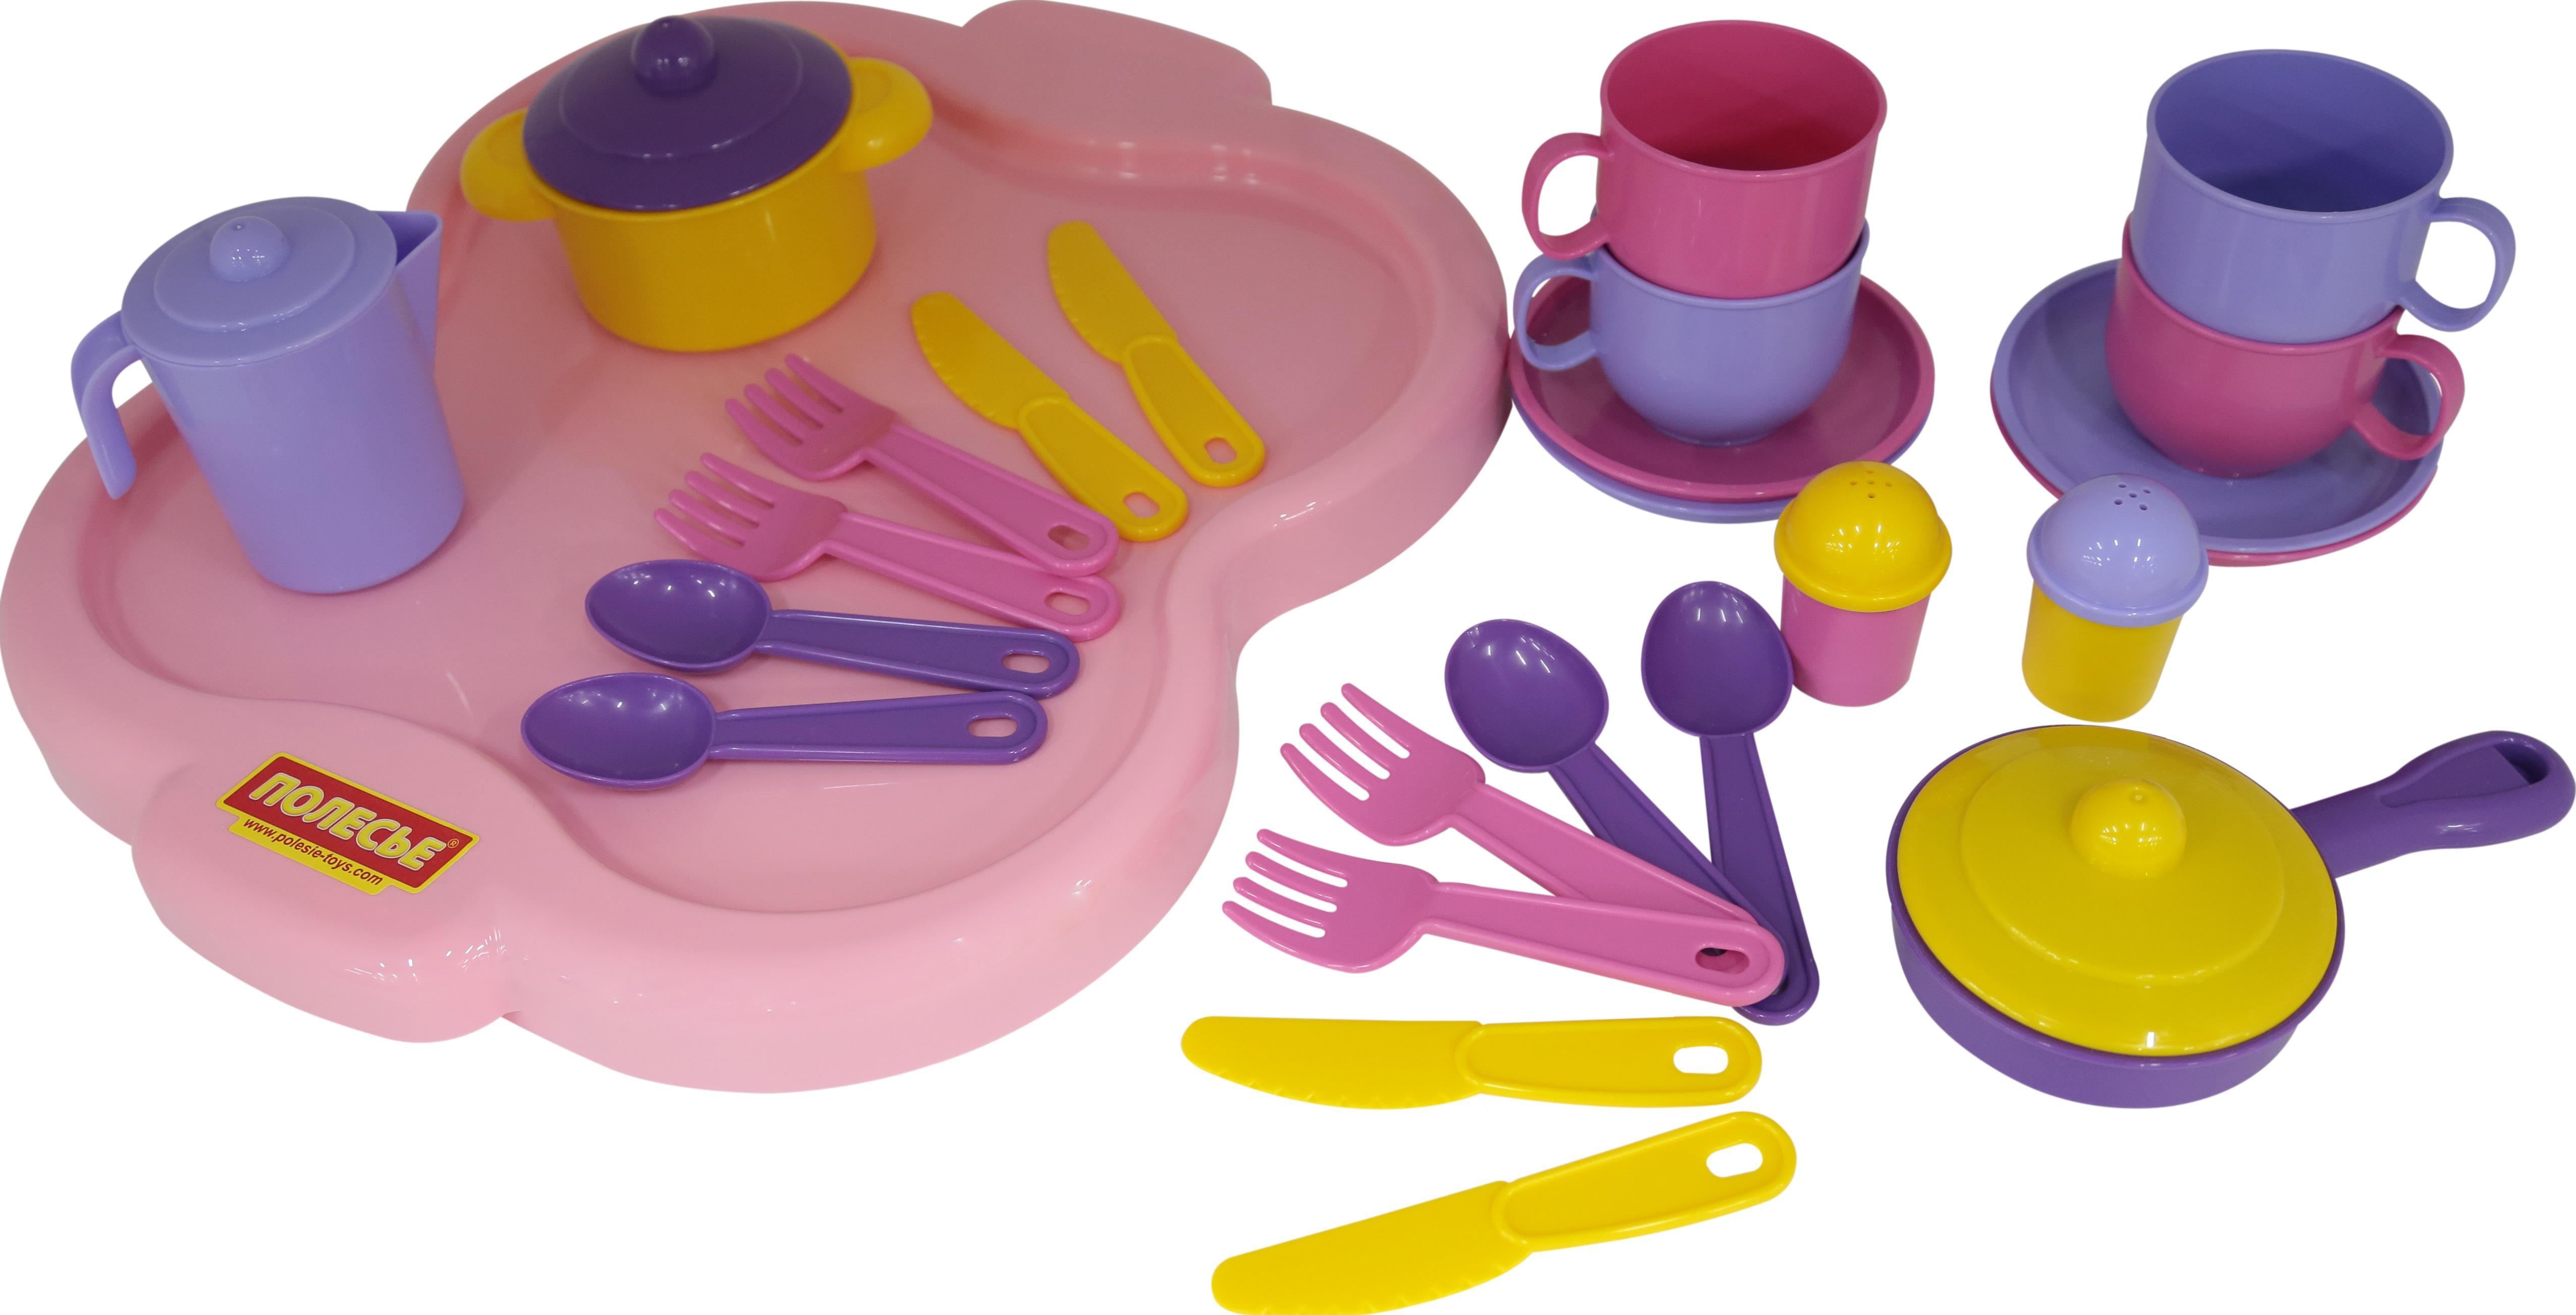 Набор детской посуды Янина с подносом, на 4 персоныАксессуары и техника для детской кухни<br>Набор детской посуды Янина с подносом, на 4 персоны<br>